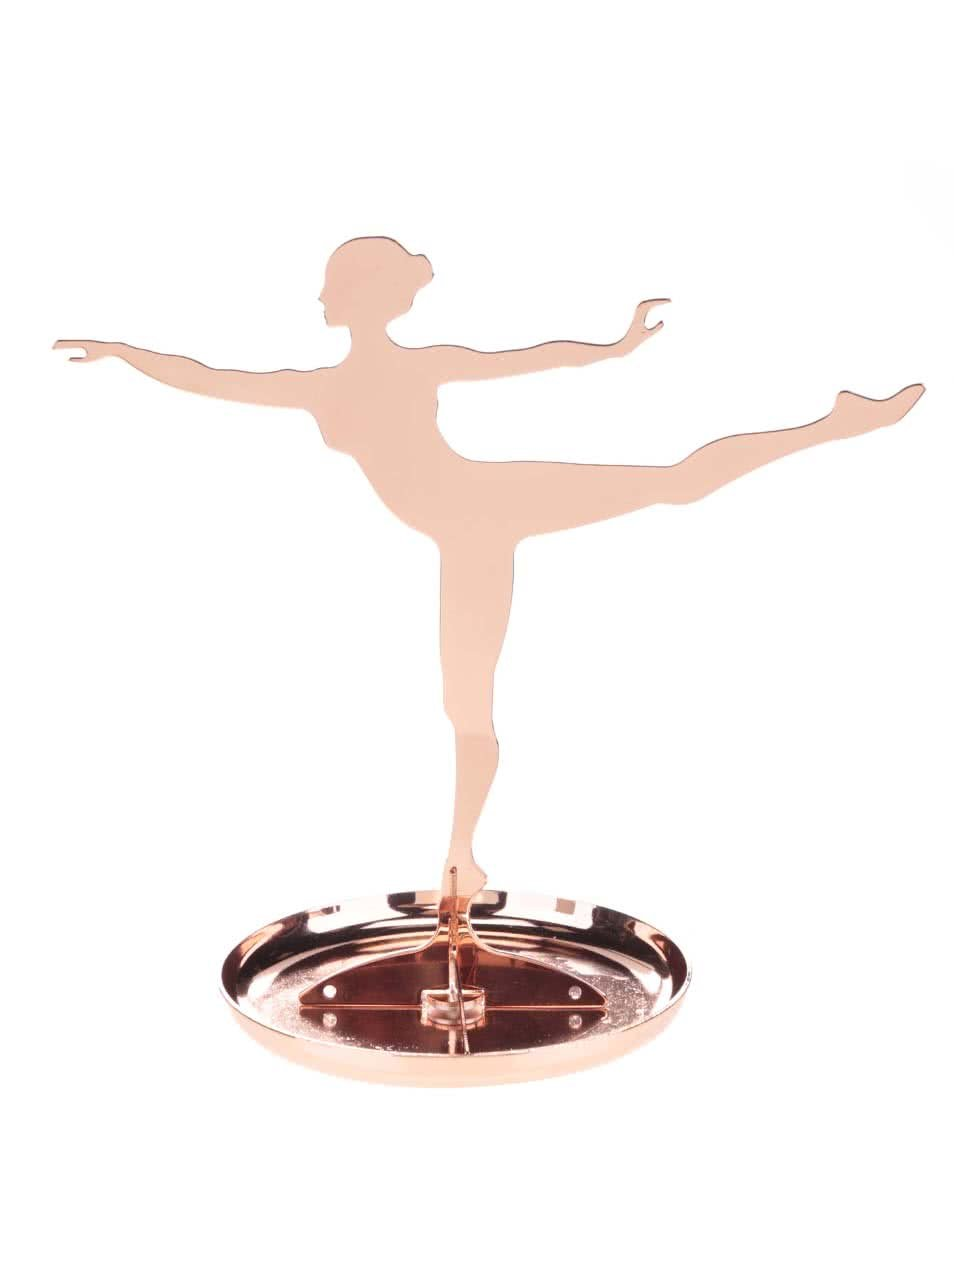 Stojan na šperky ve tvaru baletky v bronzové barvě Kikkerland Ballerina